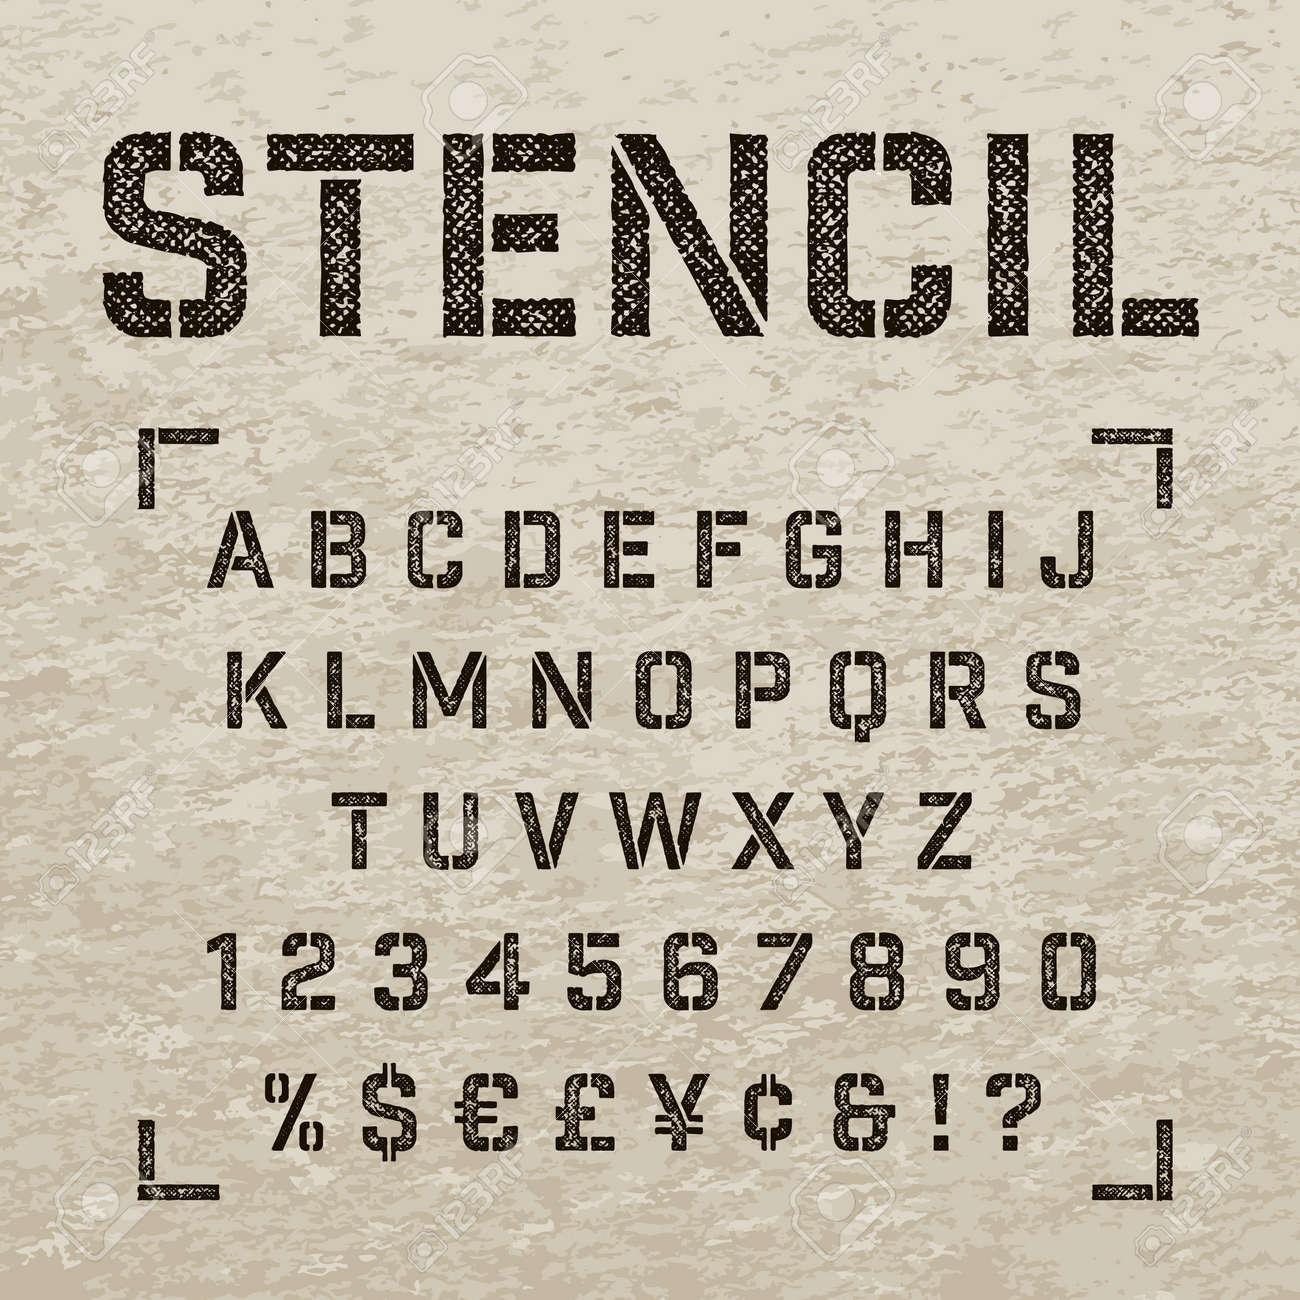 Alfabeto Plantilla Placa Con Efecto Cero Huella Letras En